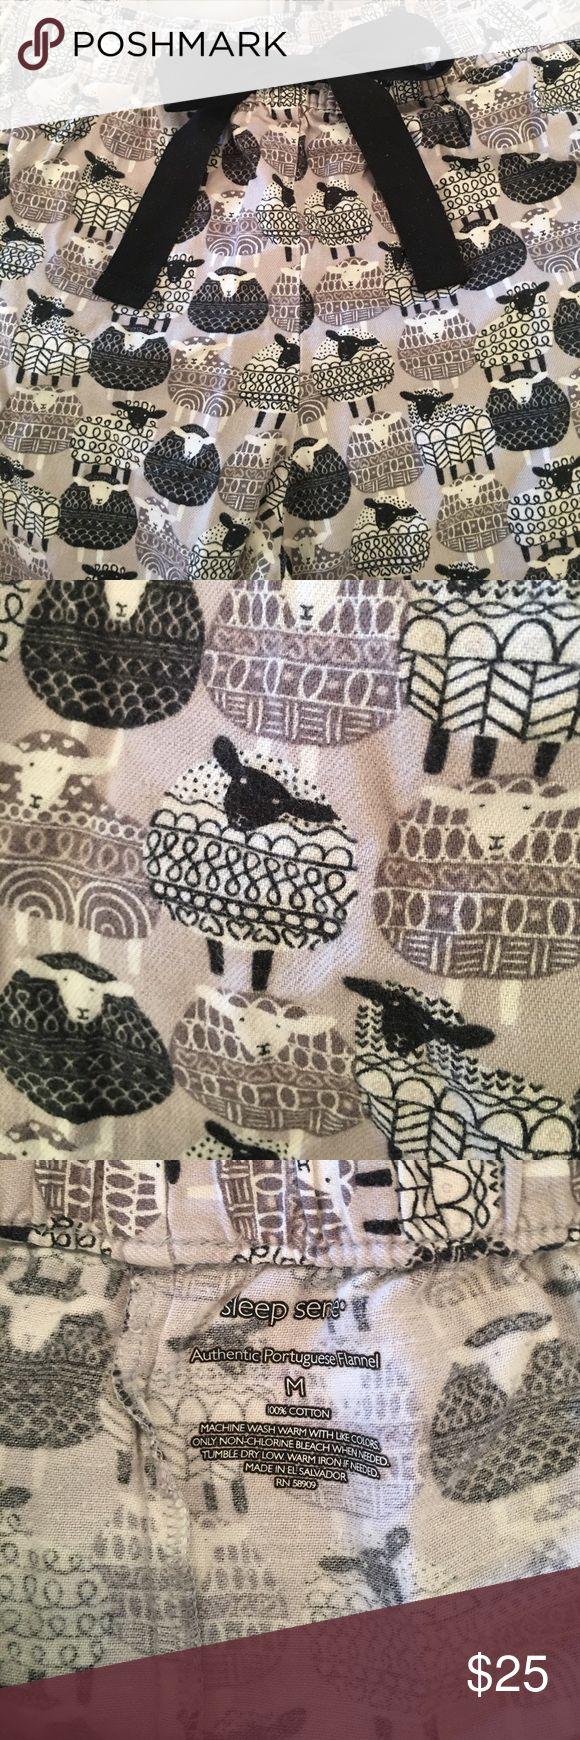 100% cotton flannel sheep pajama pants Super cozy flannel pajama pants! Adorable sheep print! Sleep Sense Intimates & Sleepwear Pajamas